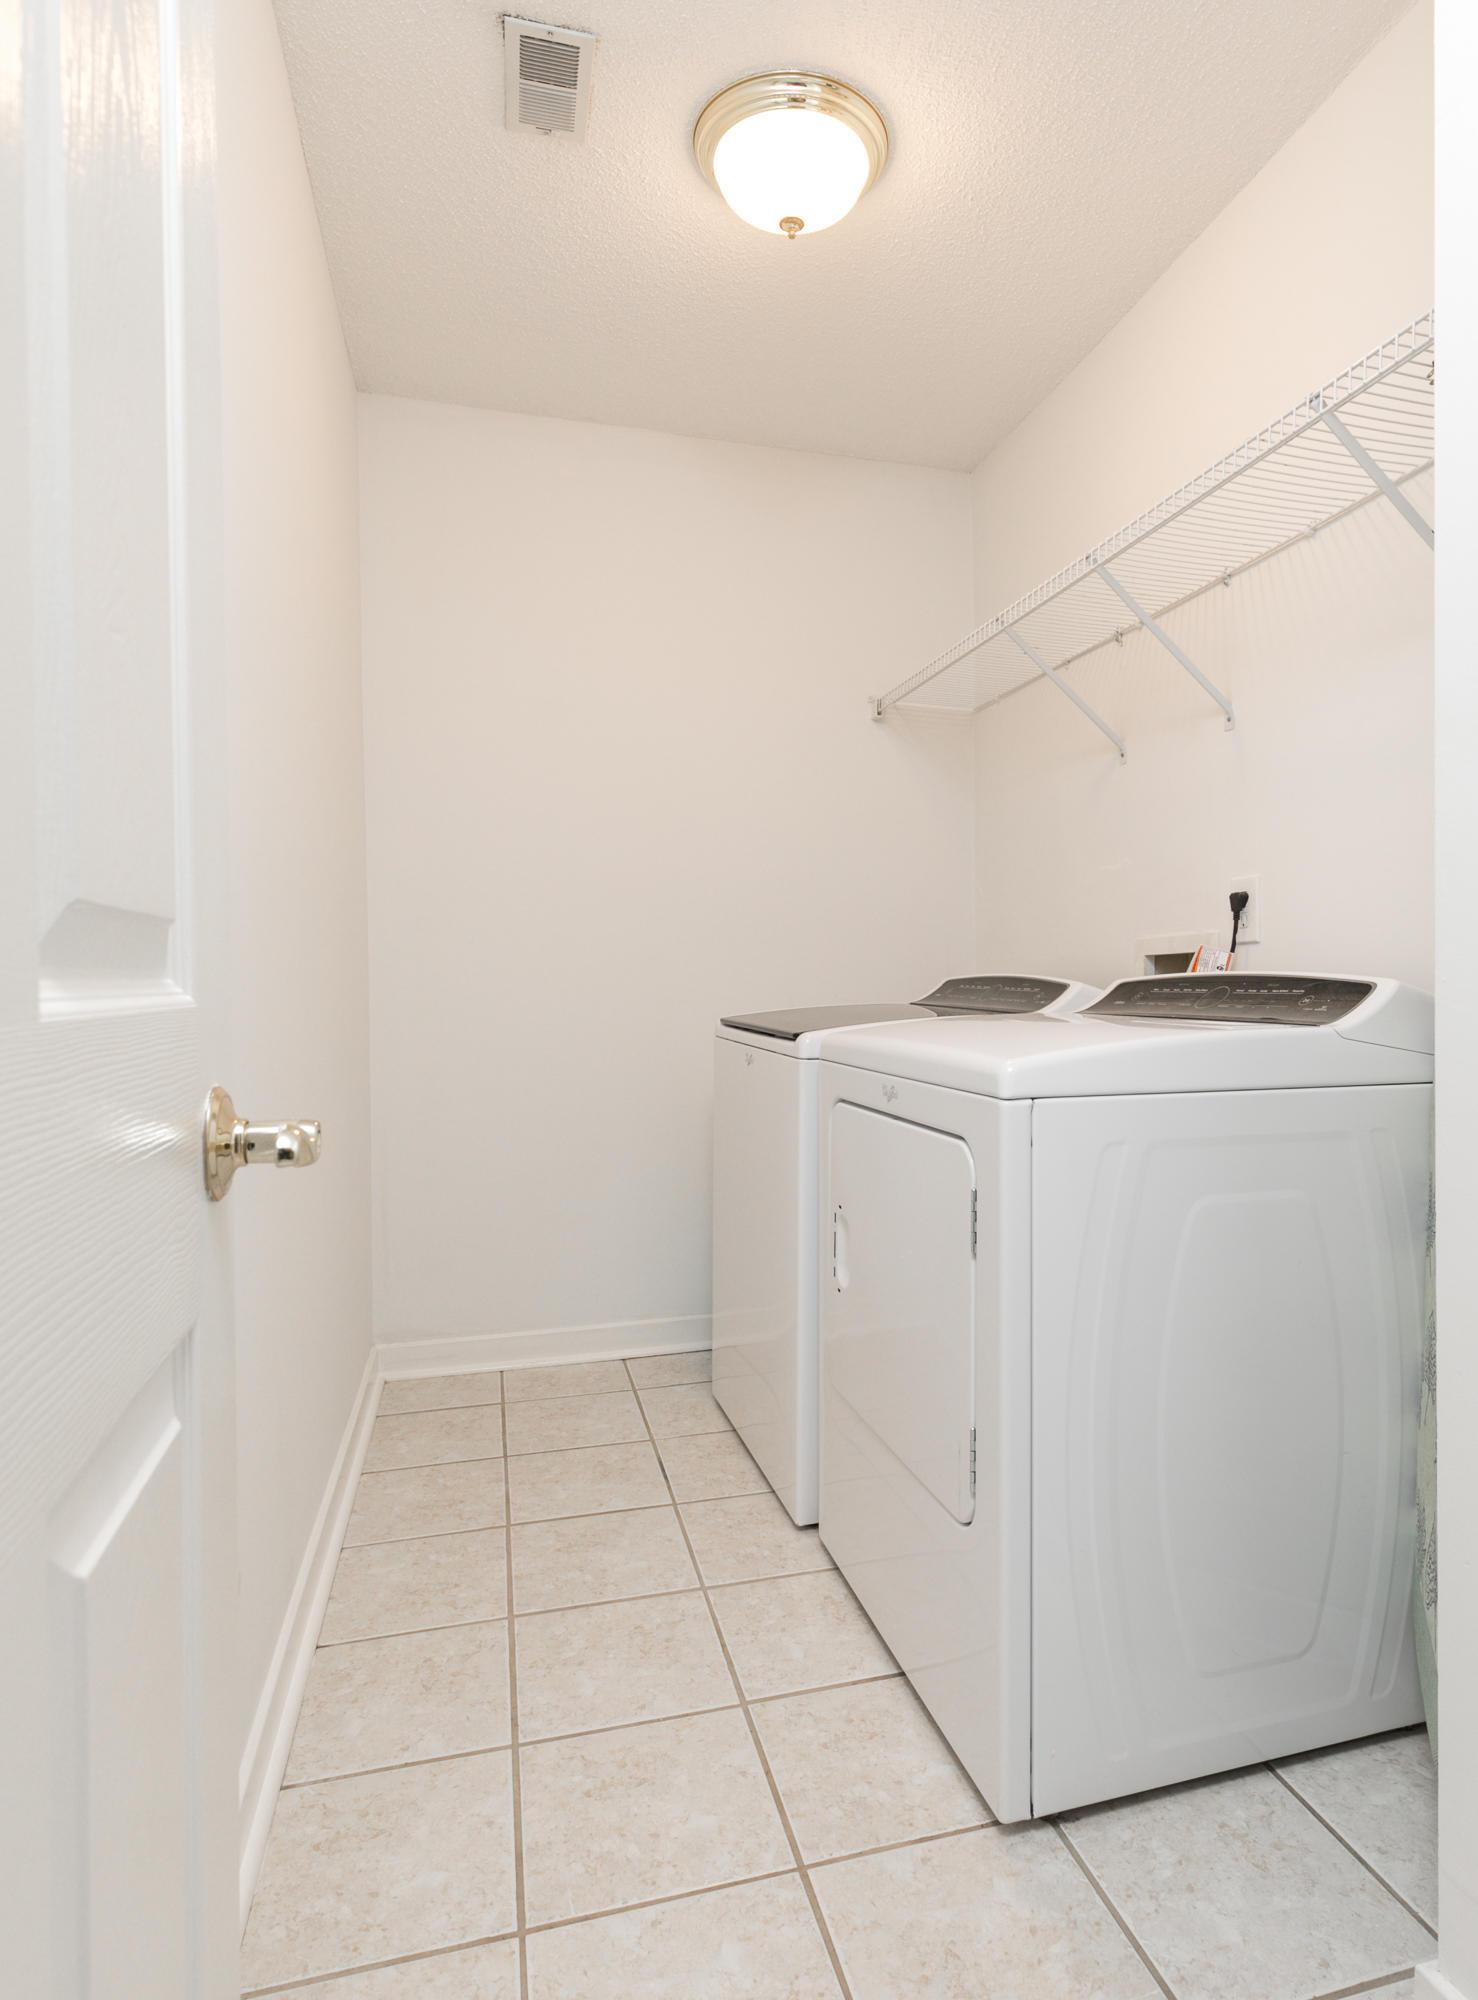 Sandpiper Pointe Homes For Sale - 326 Pelican, Mount Pleasant, SC - 27